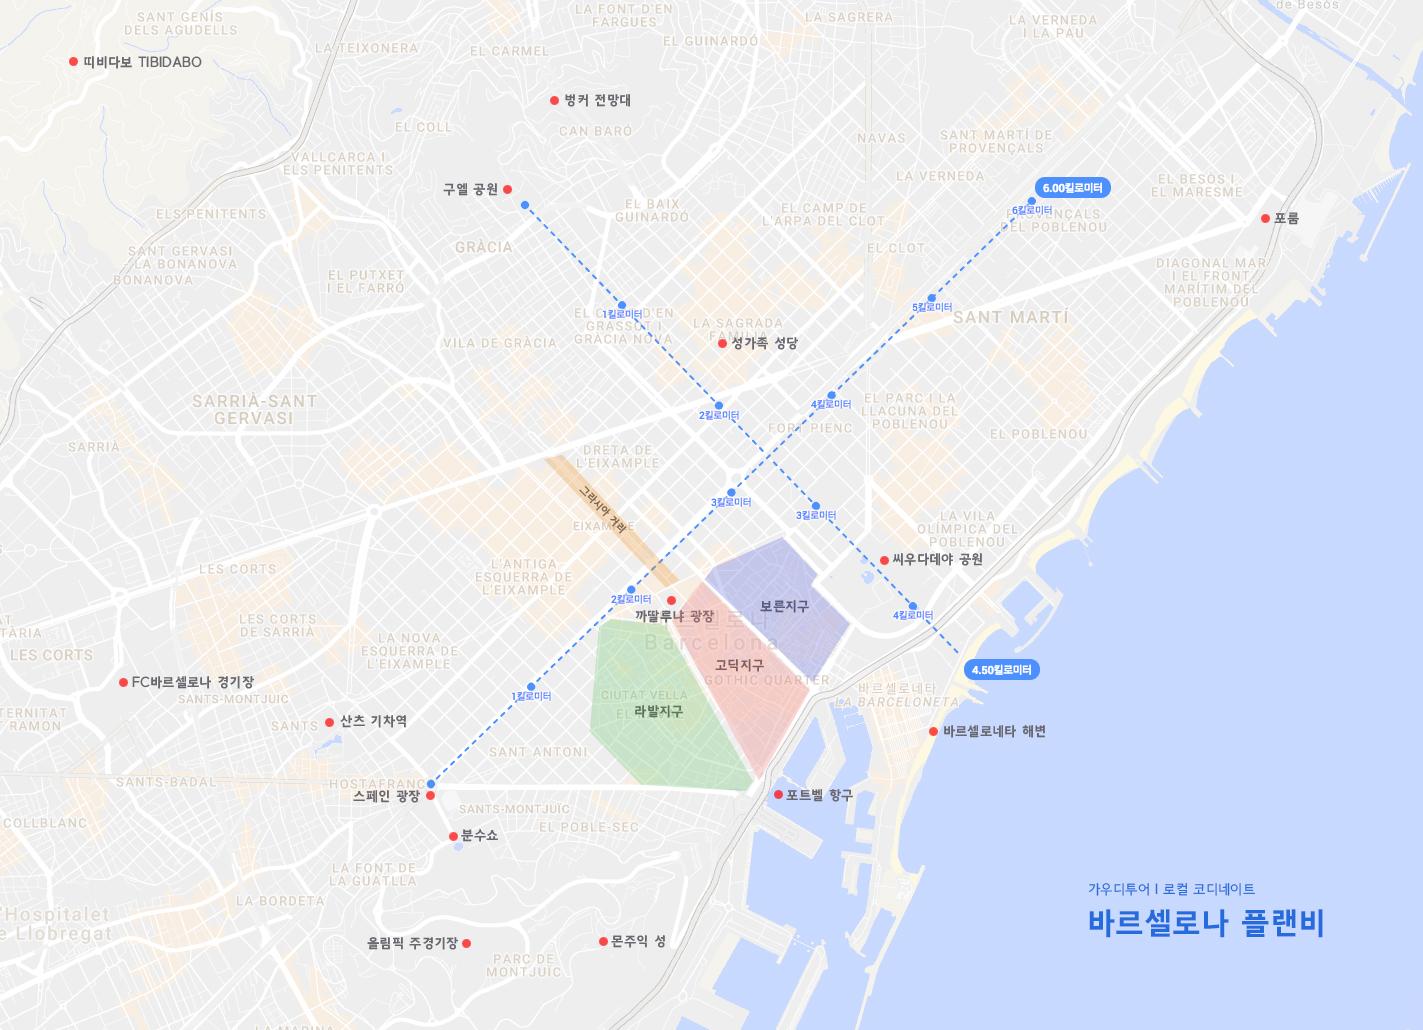 일정짜기 지도.jpg